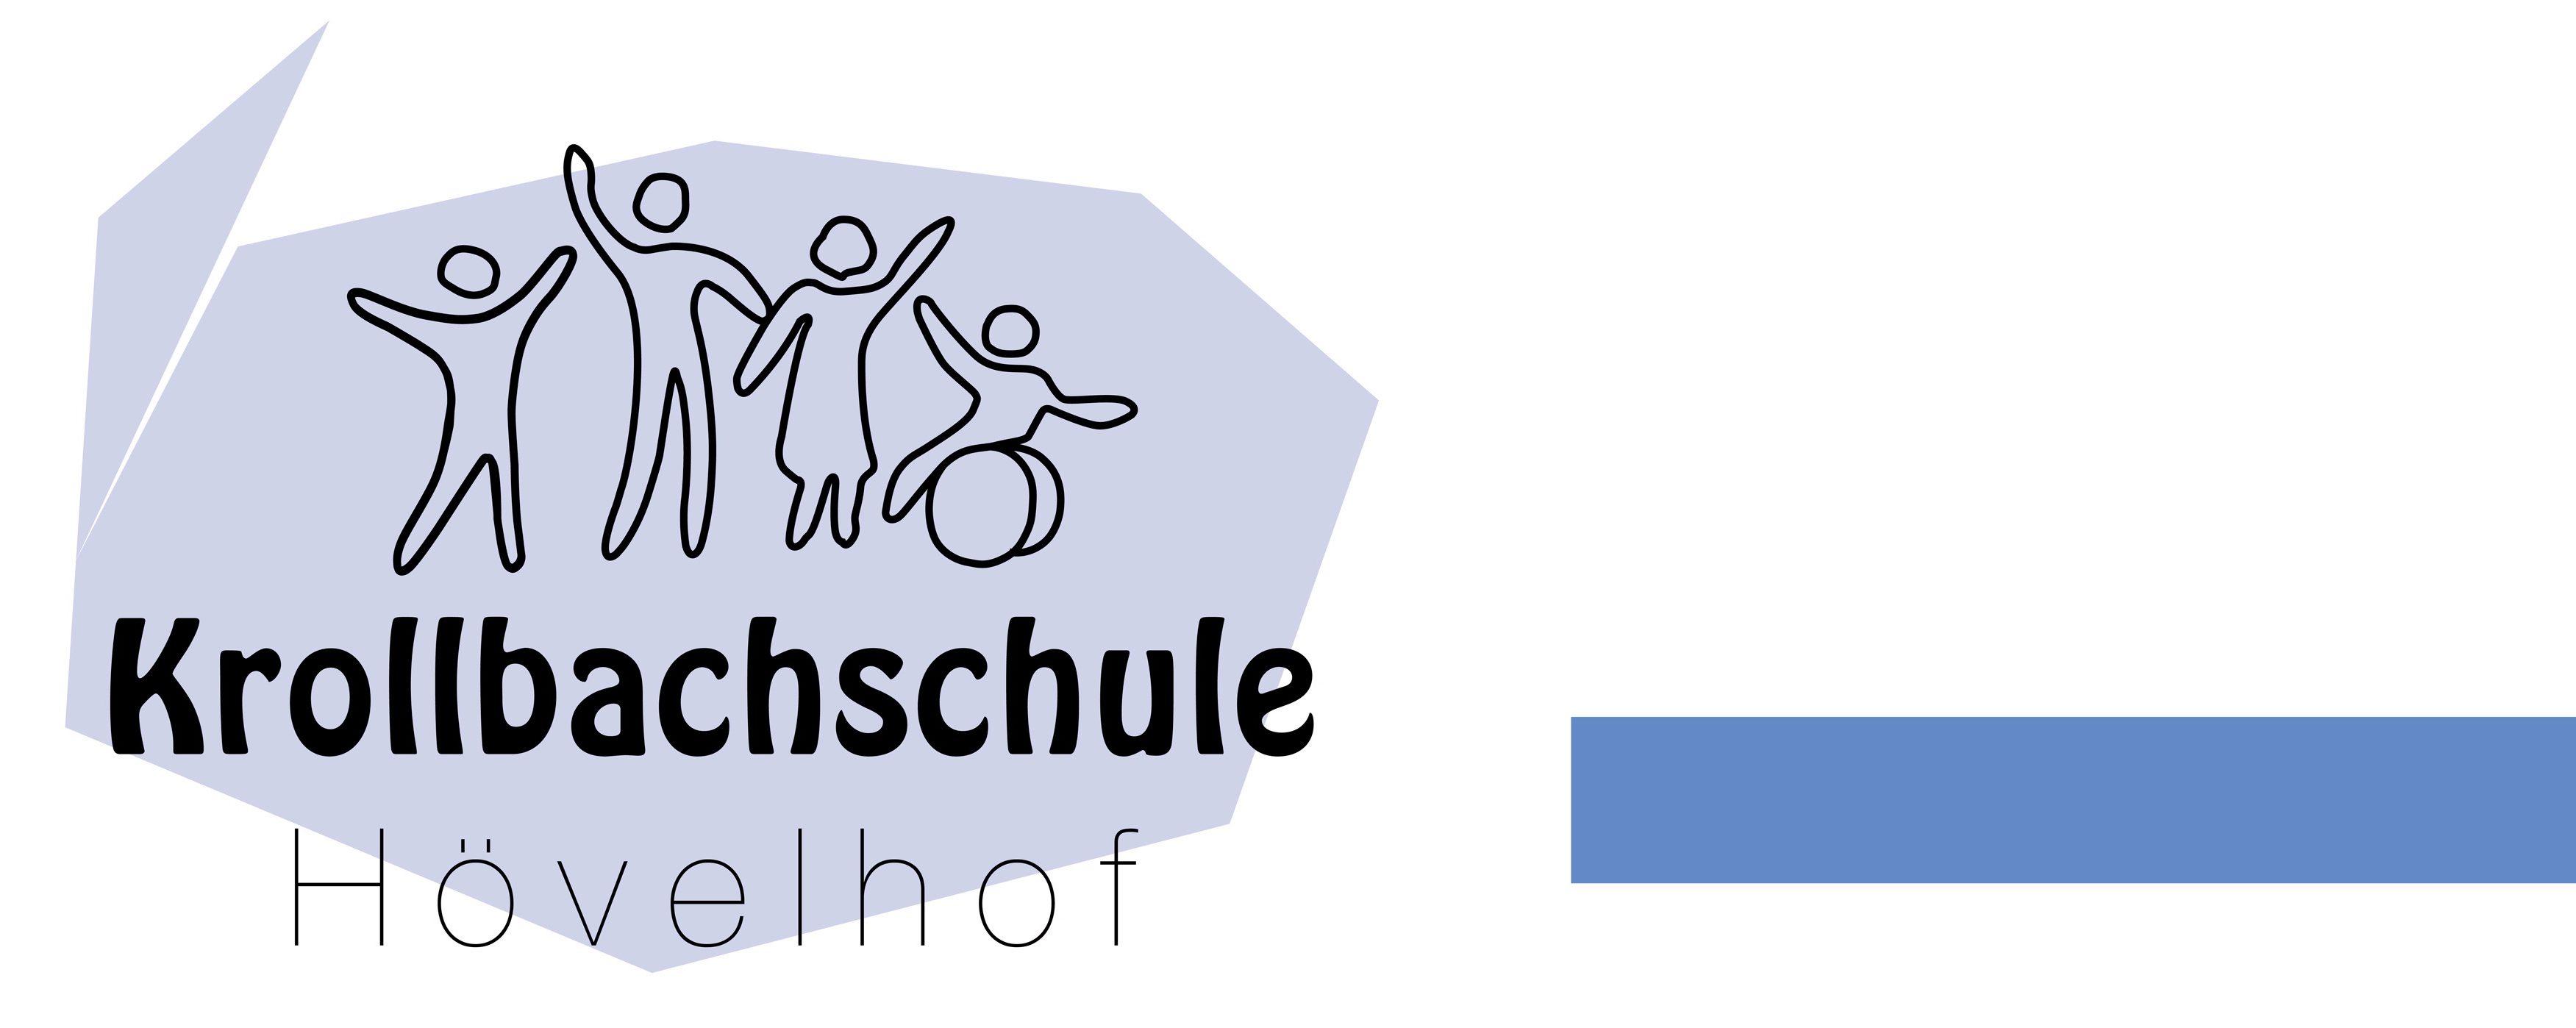 krollbachschule.de